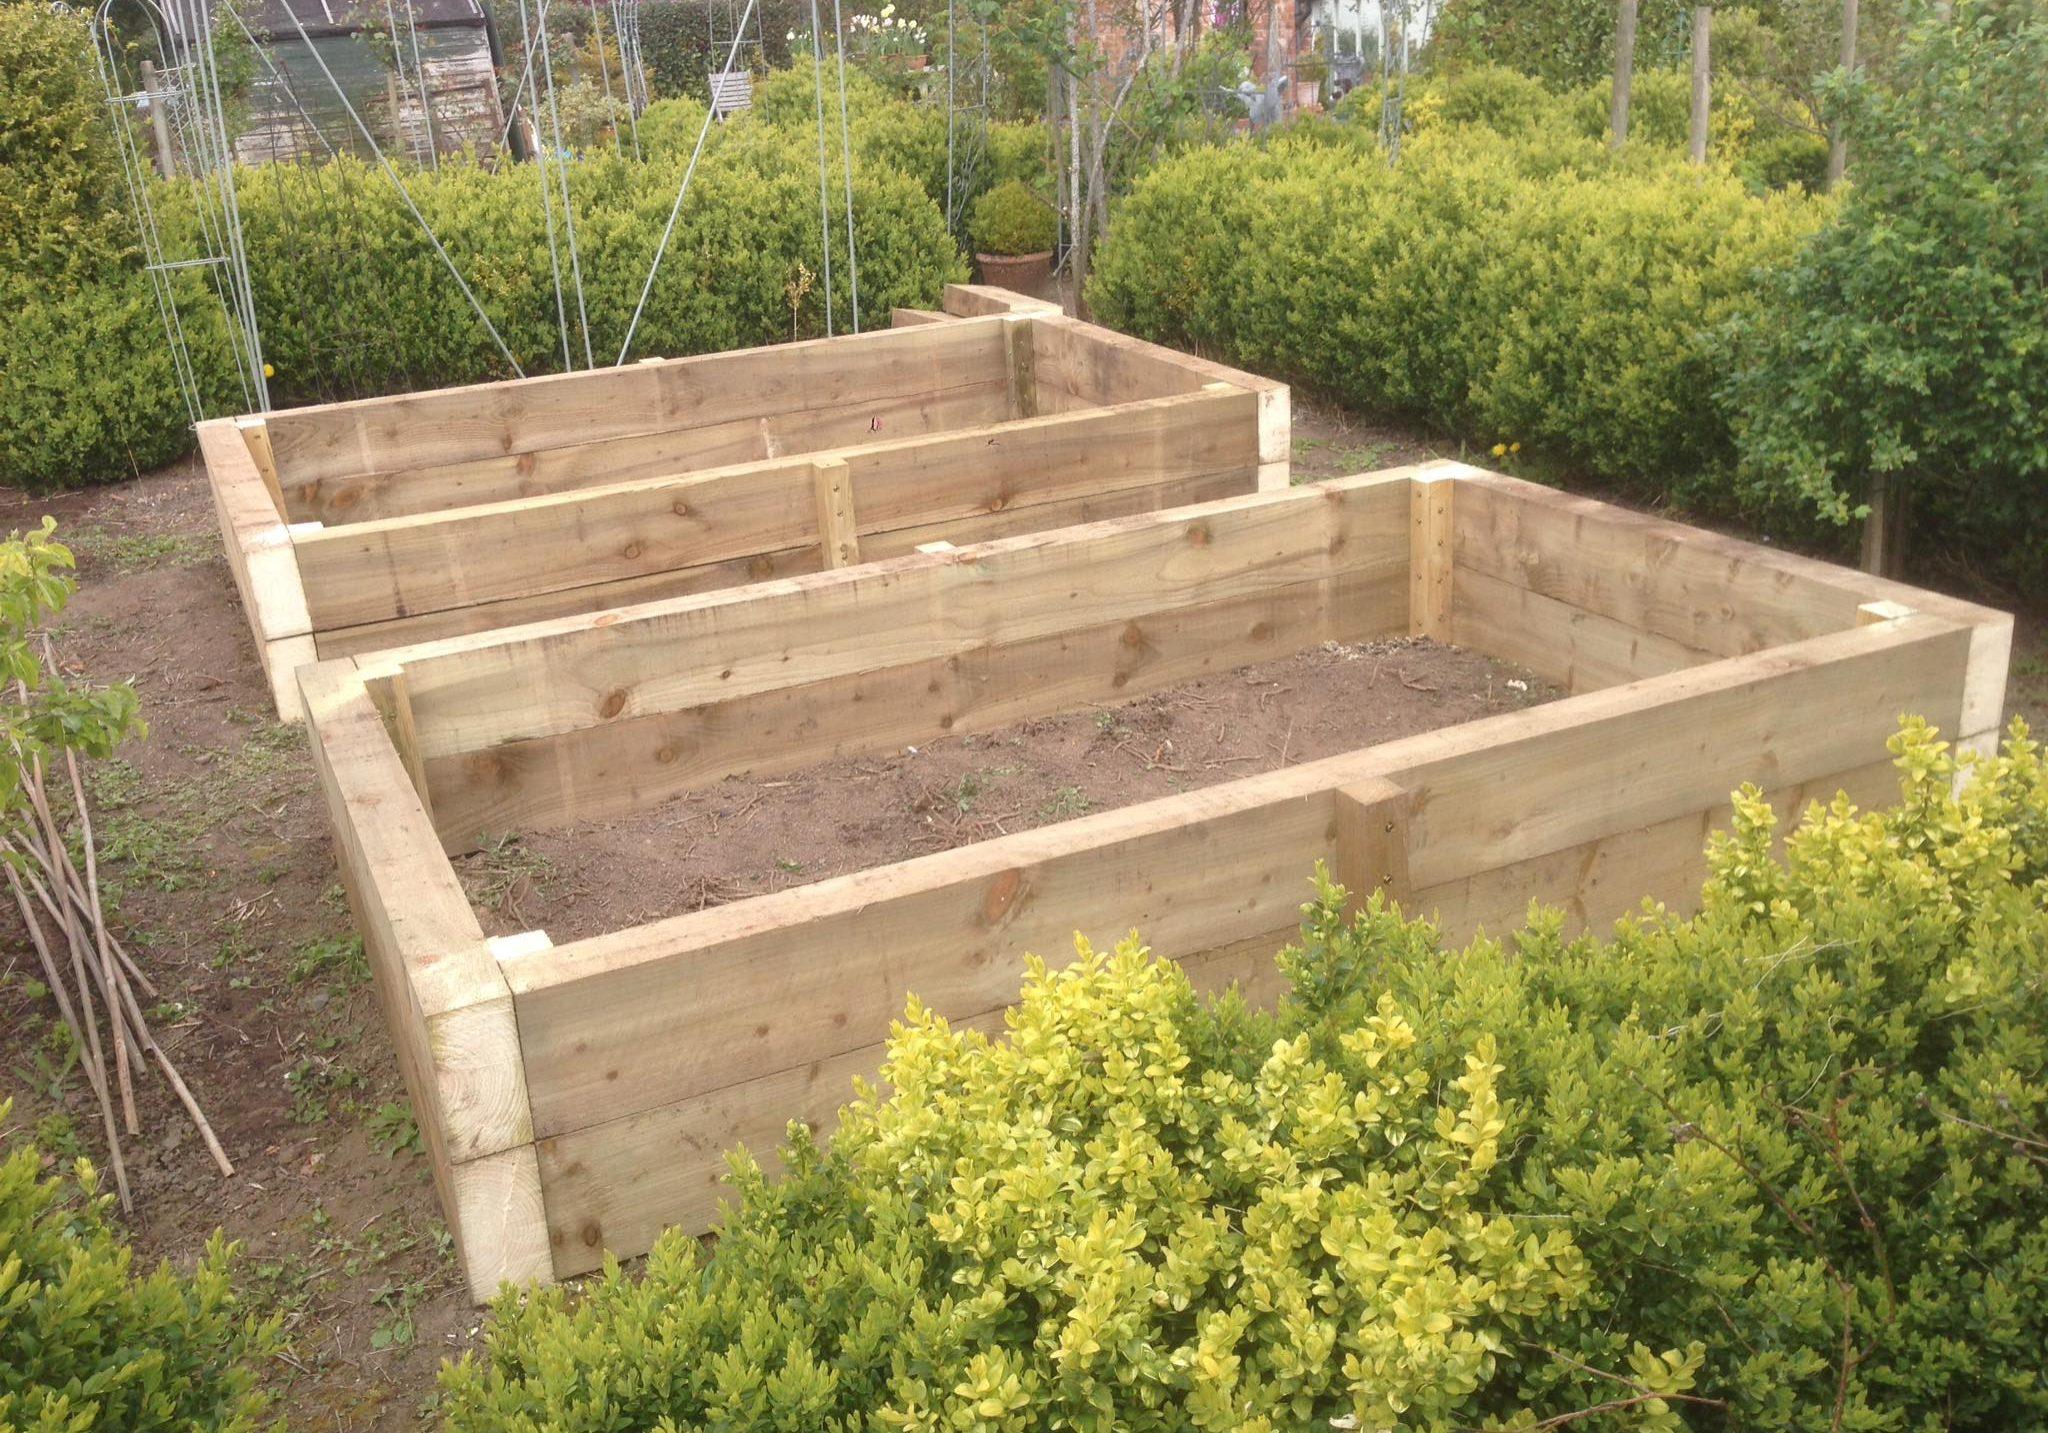 Wooden blocks in a garden